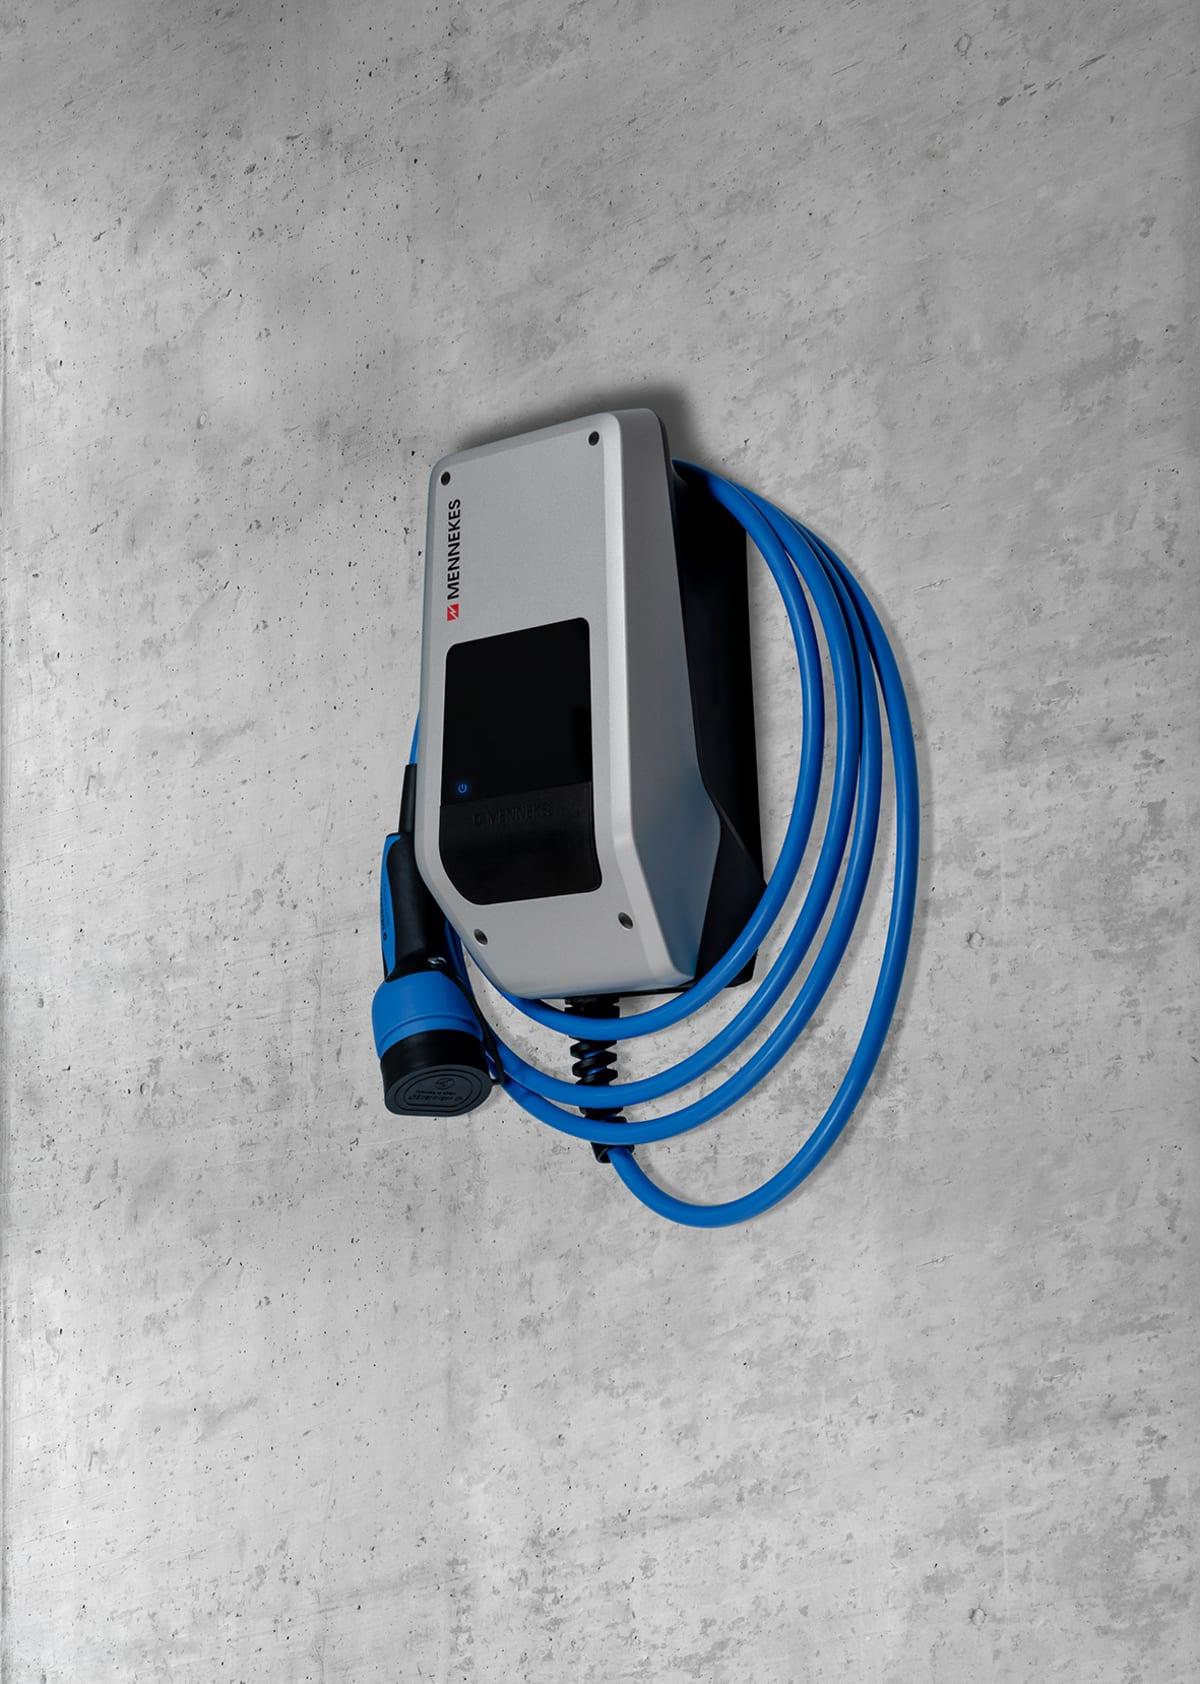 Wallbox von der Firma Mennekes hängt an einer Betonwand